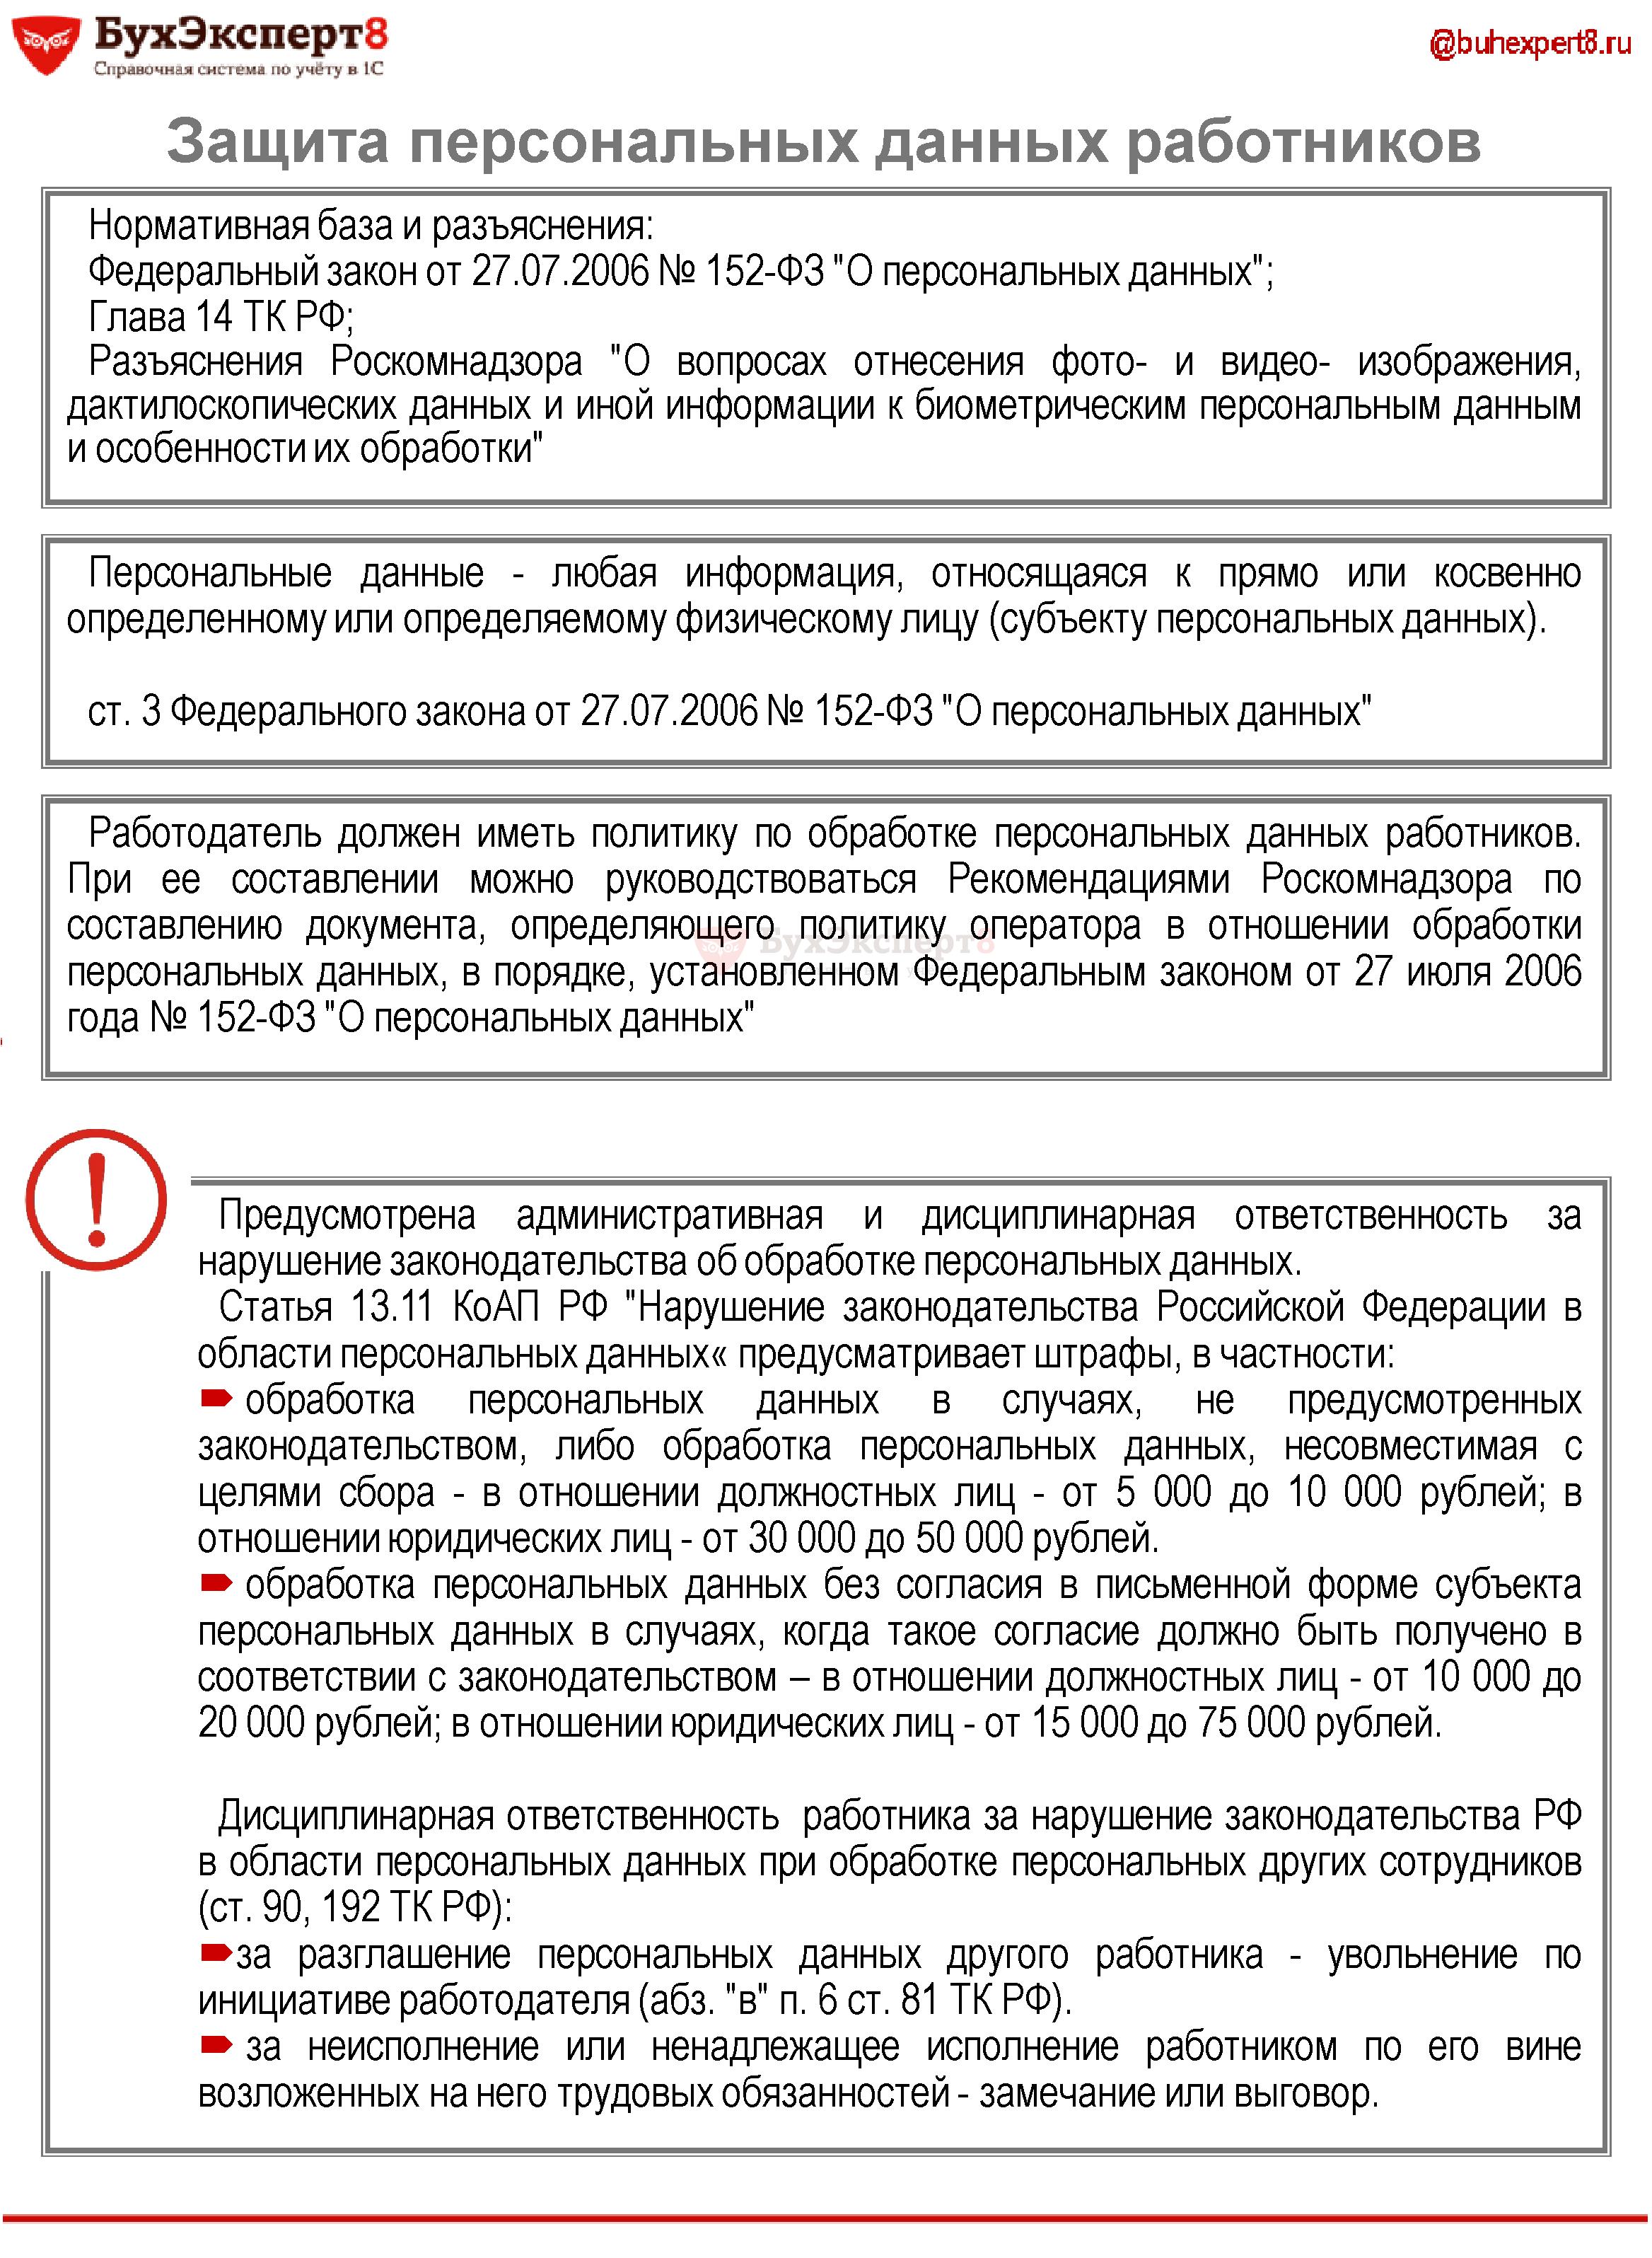 Федеральный закон от 22072008 n 123-фз технический регламент о